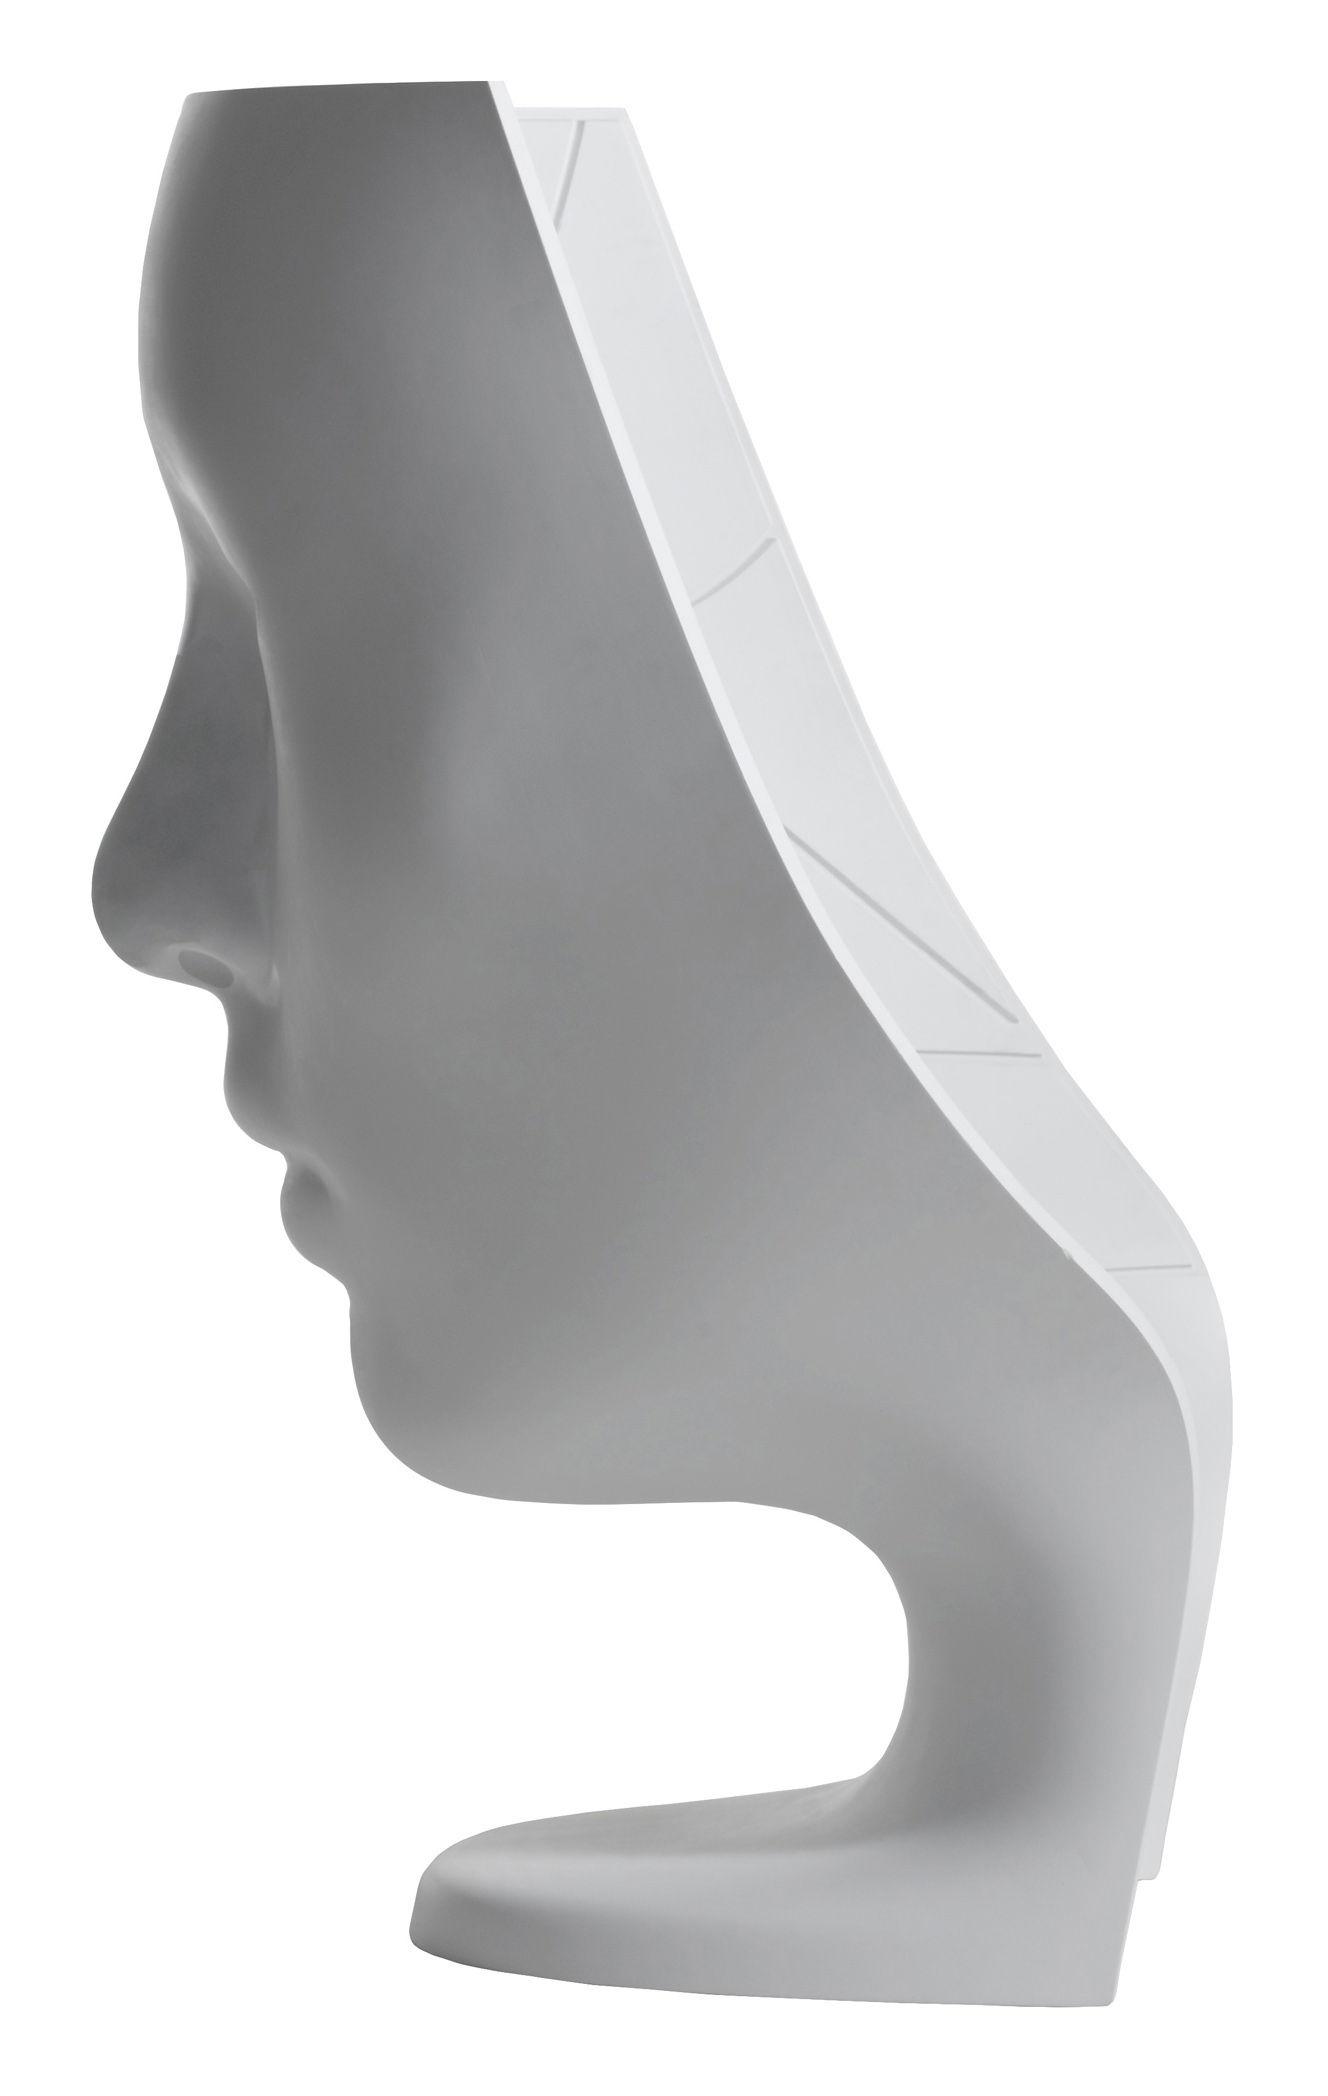 Fauteuil nemo version fixe coloris mat blanc mat driade - Haut de forme pas cher ...